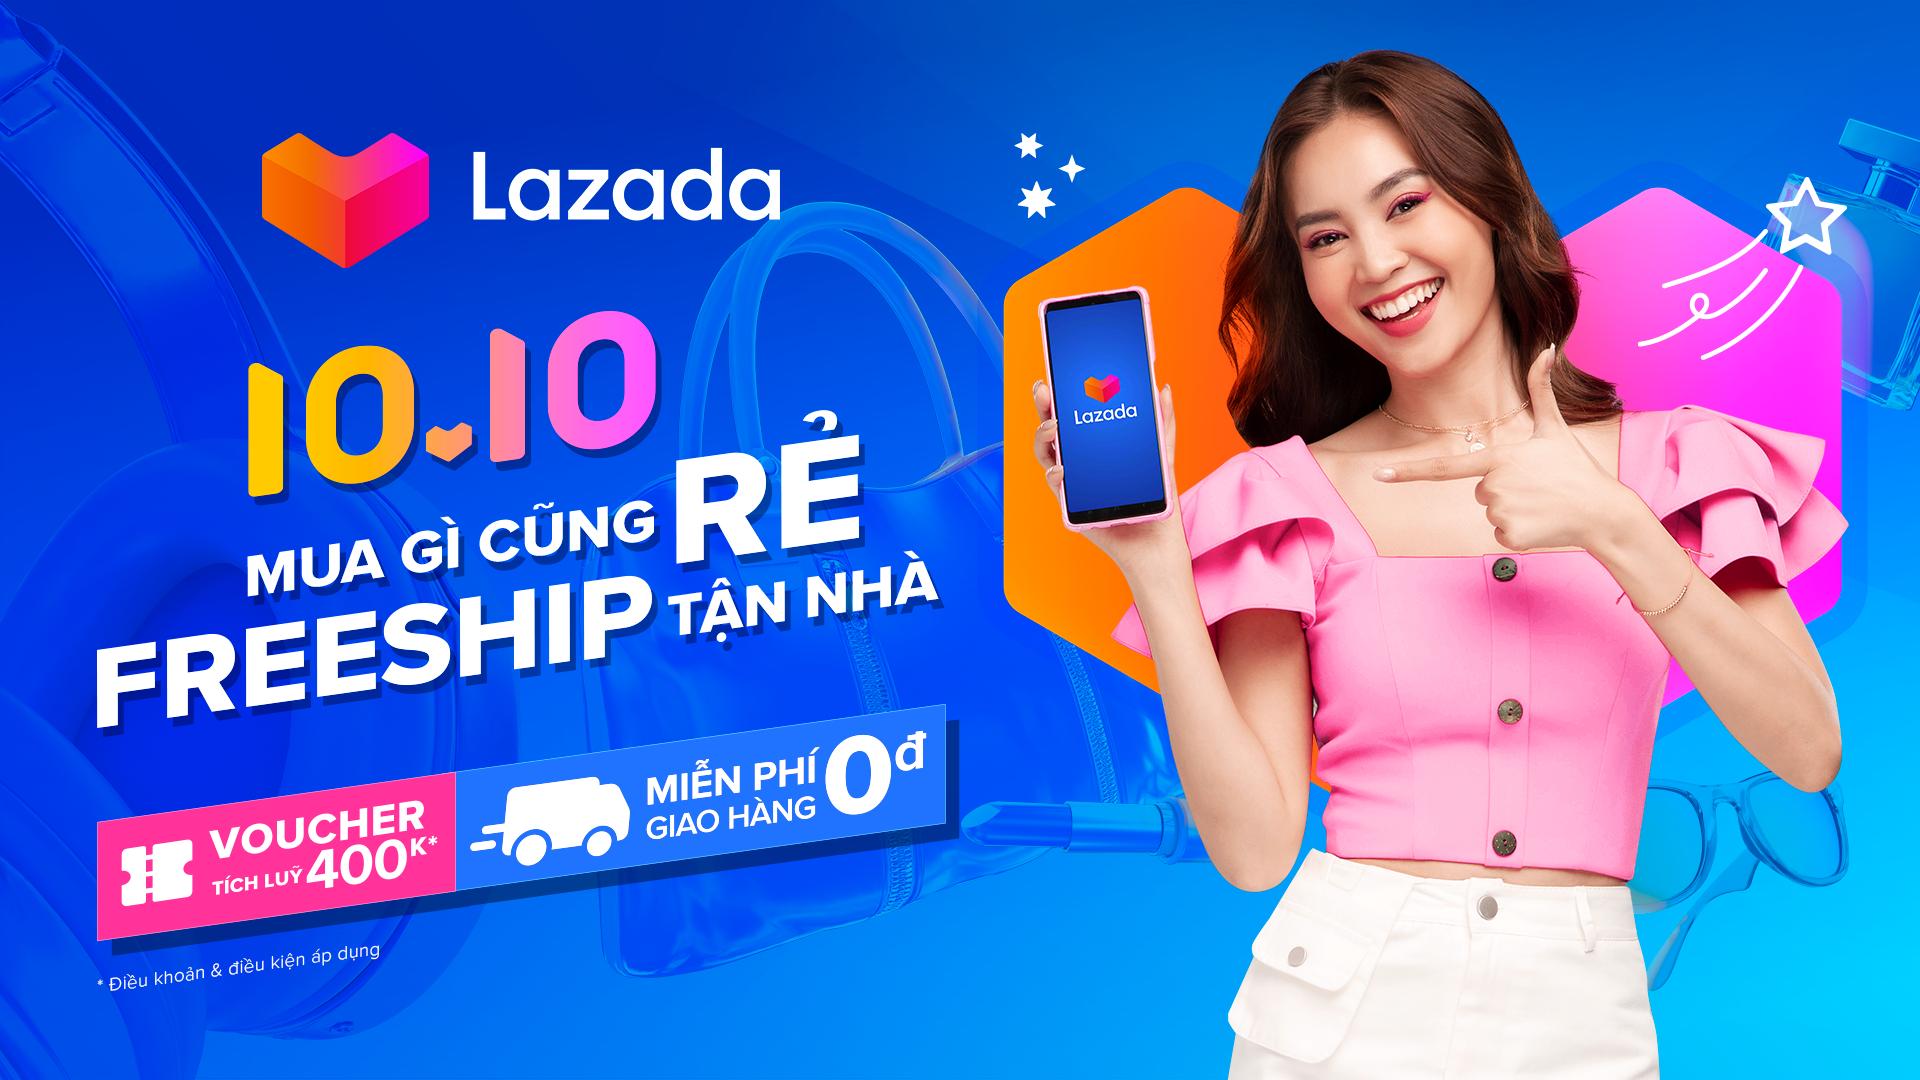 Lazada 10.10 Sale gấp bội đã quay trở lại và mang đến cho khách hàng cơ hội MUA GÌ CŨNG RẺ chưa từng có với voucher tích lũy lên đến 400k, lại được FREESHIP tận nhà từ 10/10 đến 14/10. Đây cũng là dịp Lazada Việt Nam tiên phong tổ chức và công bố Ngày Tôn vinh Doanh nhân Công nghệ 10/10 nhằm ghi nhận sự đóng góp của những doanh nhân kinh doanh trực tuyến vào nền kinh tế và lĩnh vực thương mại điện tử Việt Nam.Truy cập ngay webite và app Lazada để khám phá thêm những thông tin & ưu đãi bùng nổ trong Lễ hội mua sắm 10.10 và sự kiện Ngày Doanh nhân Công nghệ Việt Nam tại đây nhé!